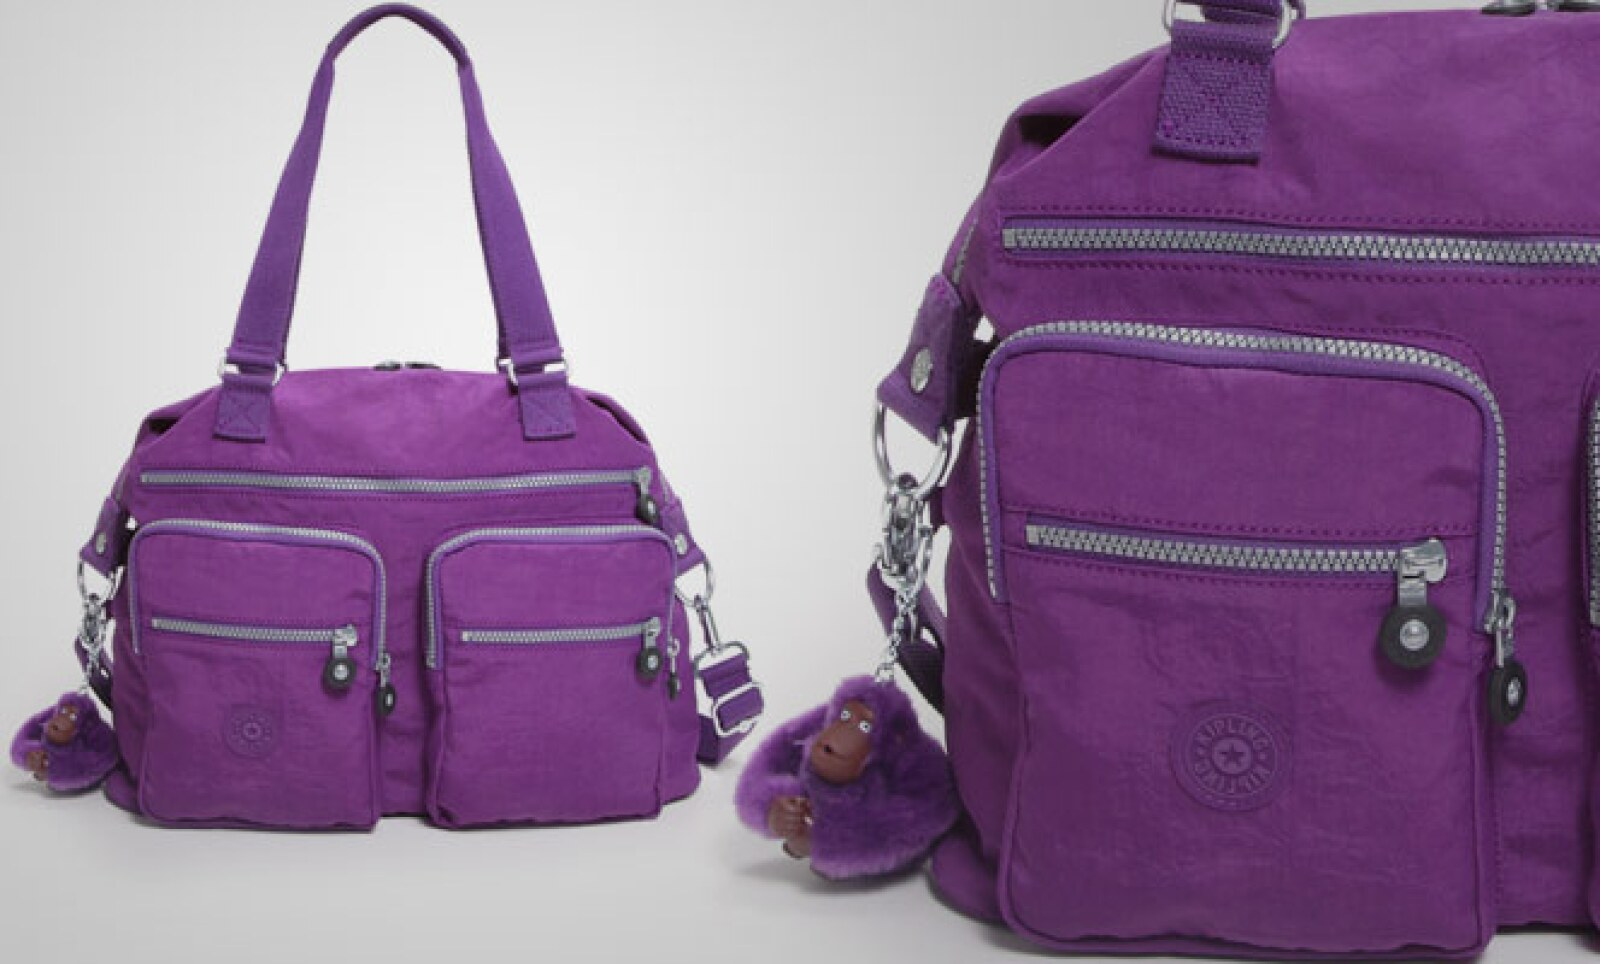 Se mantiene el color violeta como tendencia en accesorios.